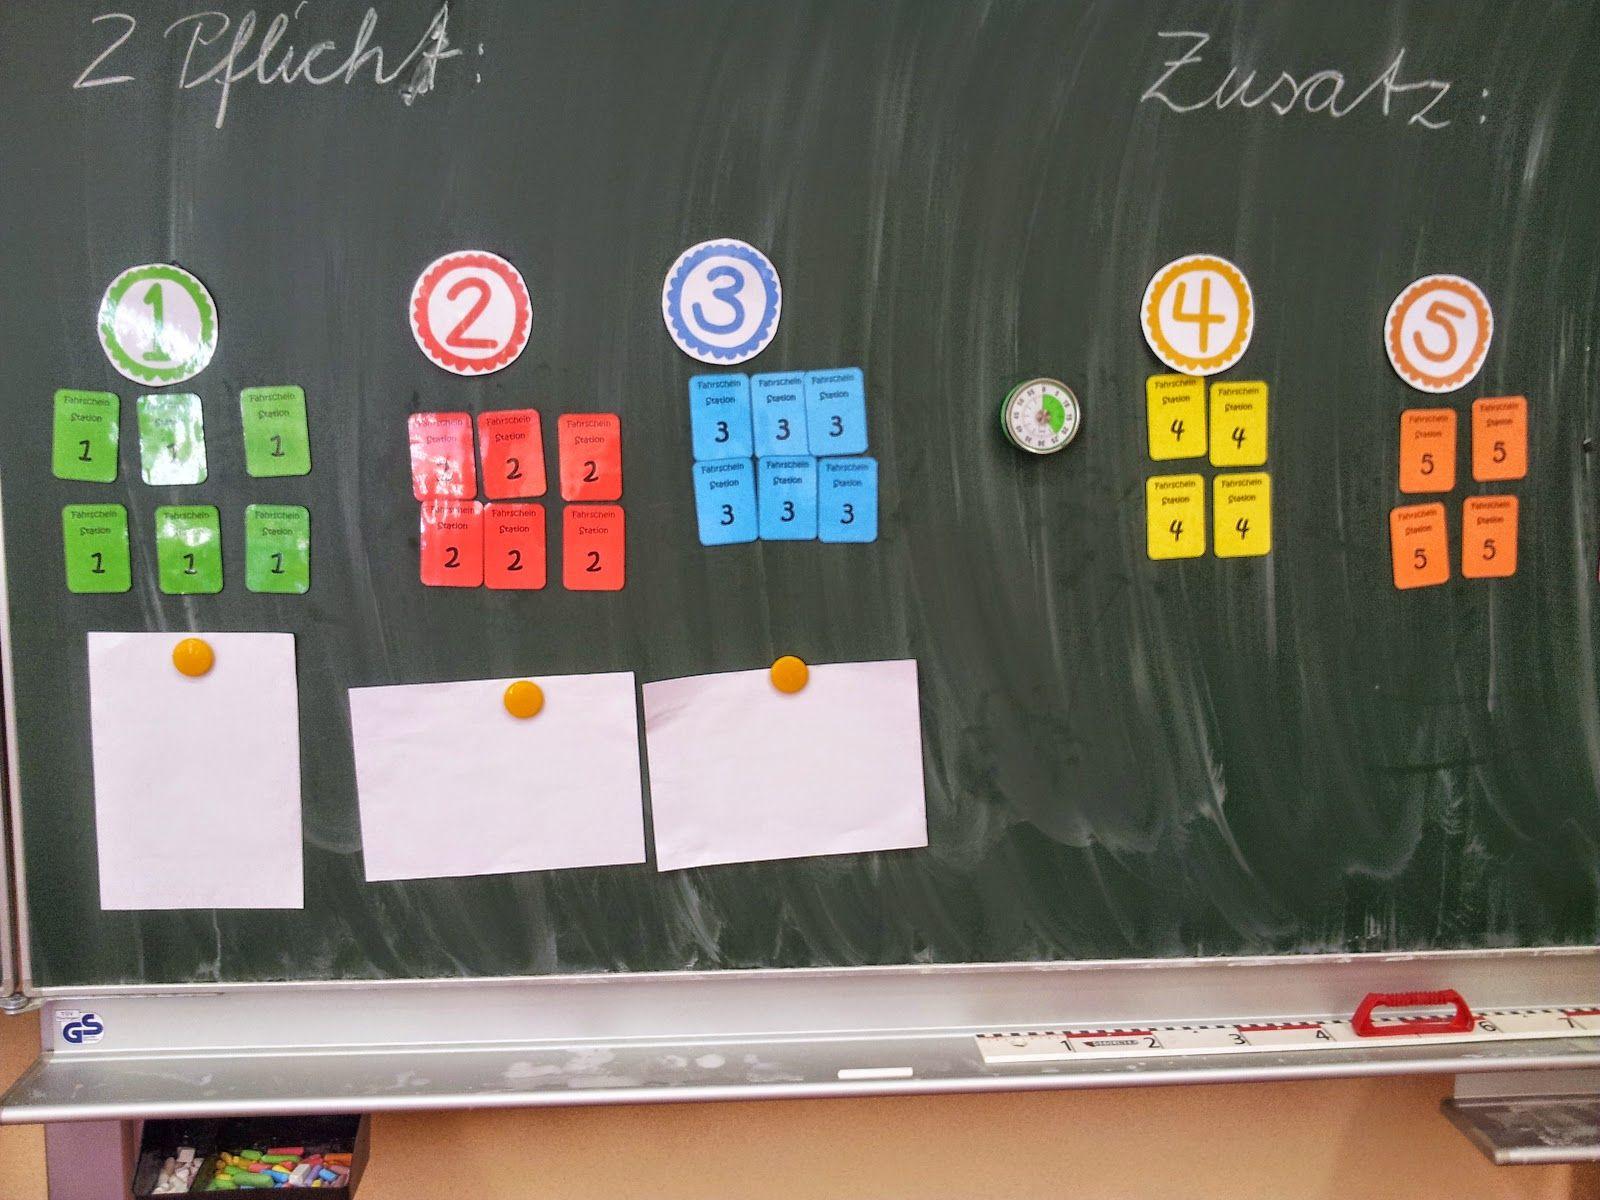 Arnienotizblog: Unterrichtsidee: Fahrscheinsystem ...